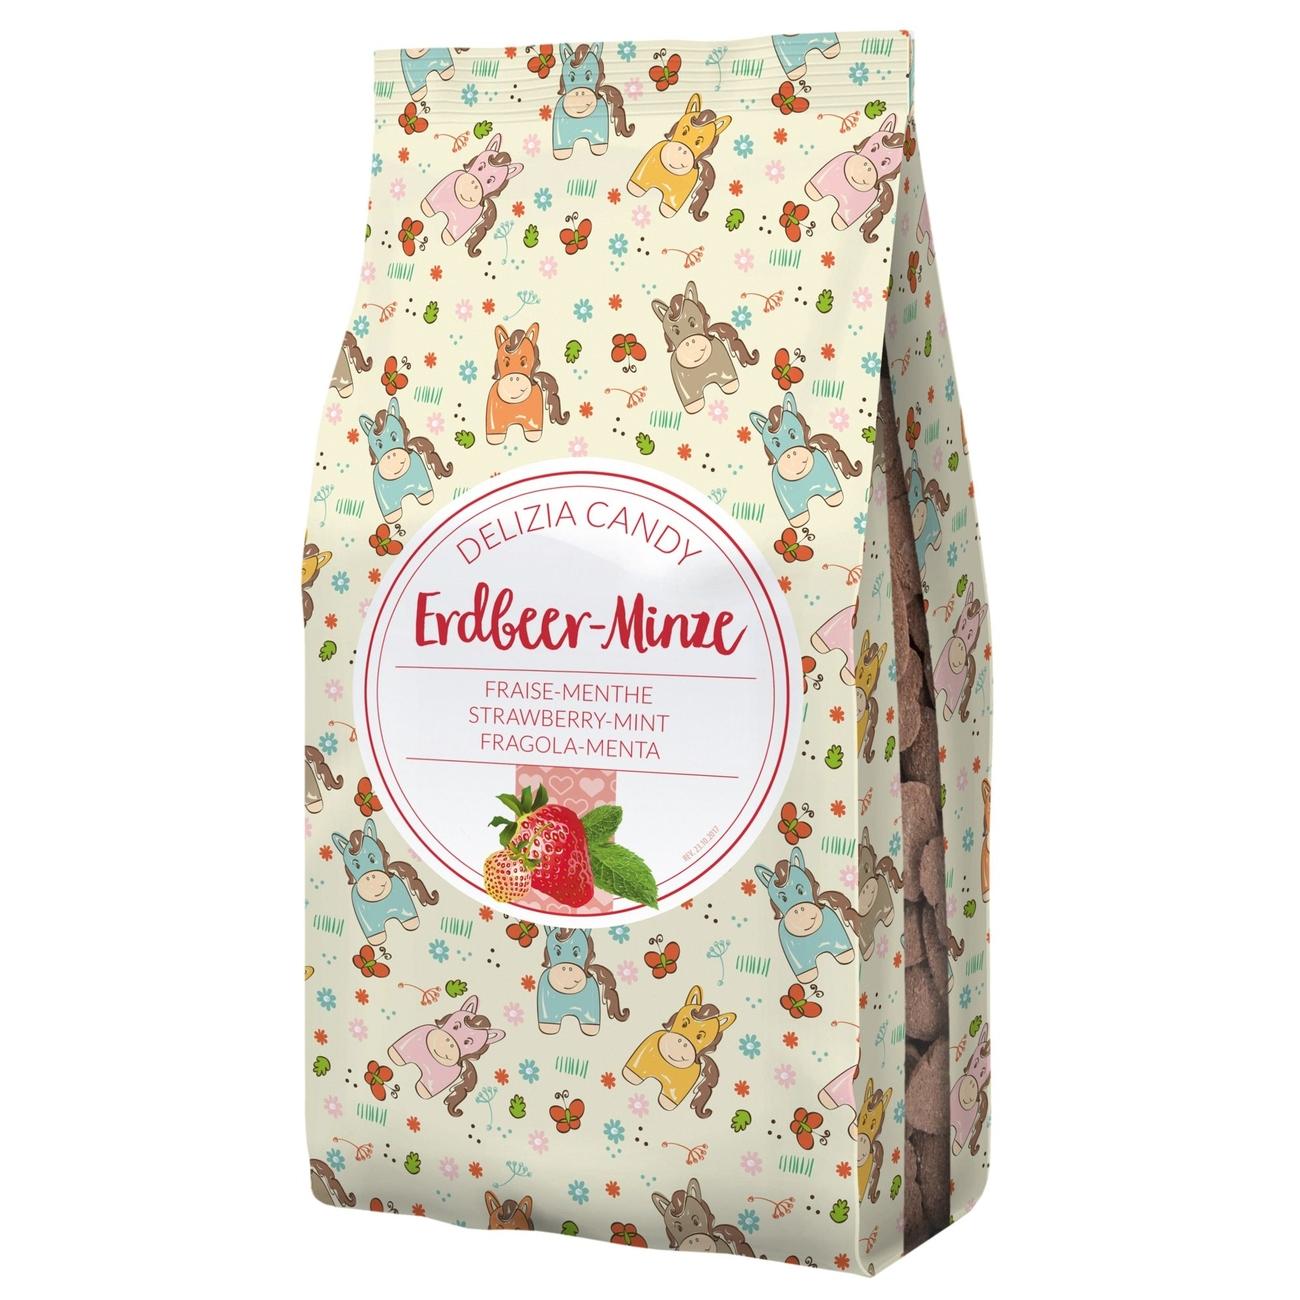 Kerbl Delizia Candy Leckerlie für Pferde, Erdbeere/Minze